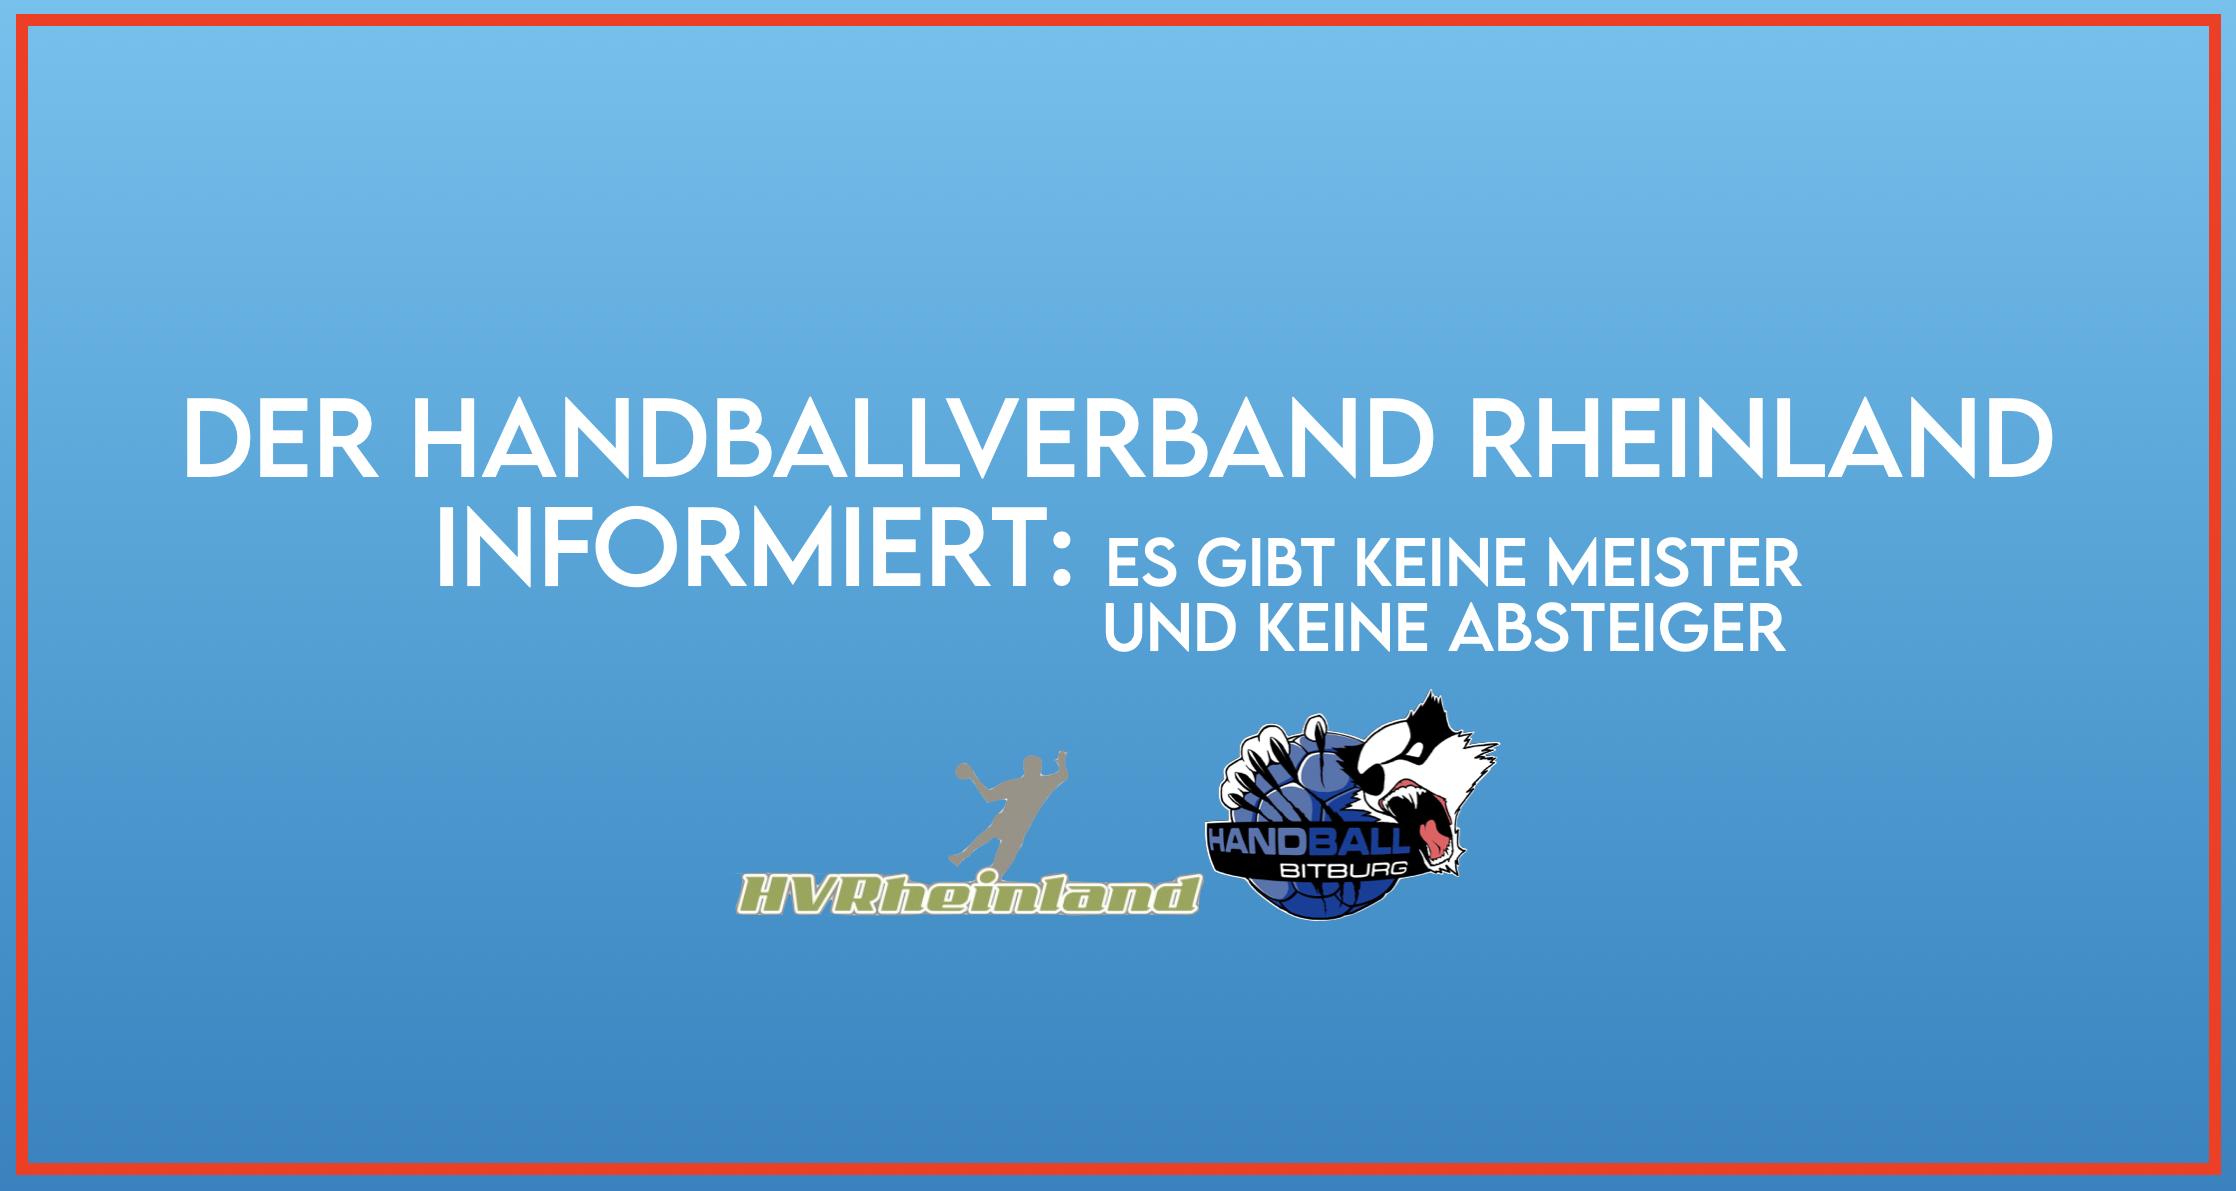 Der Handballverband Rheinland informiert: Es gibt keine Meister und keine Absteiger!